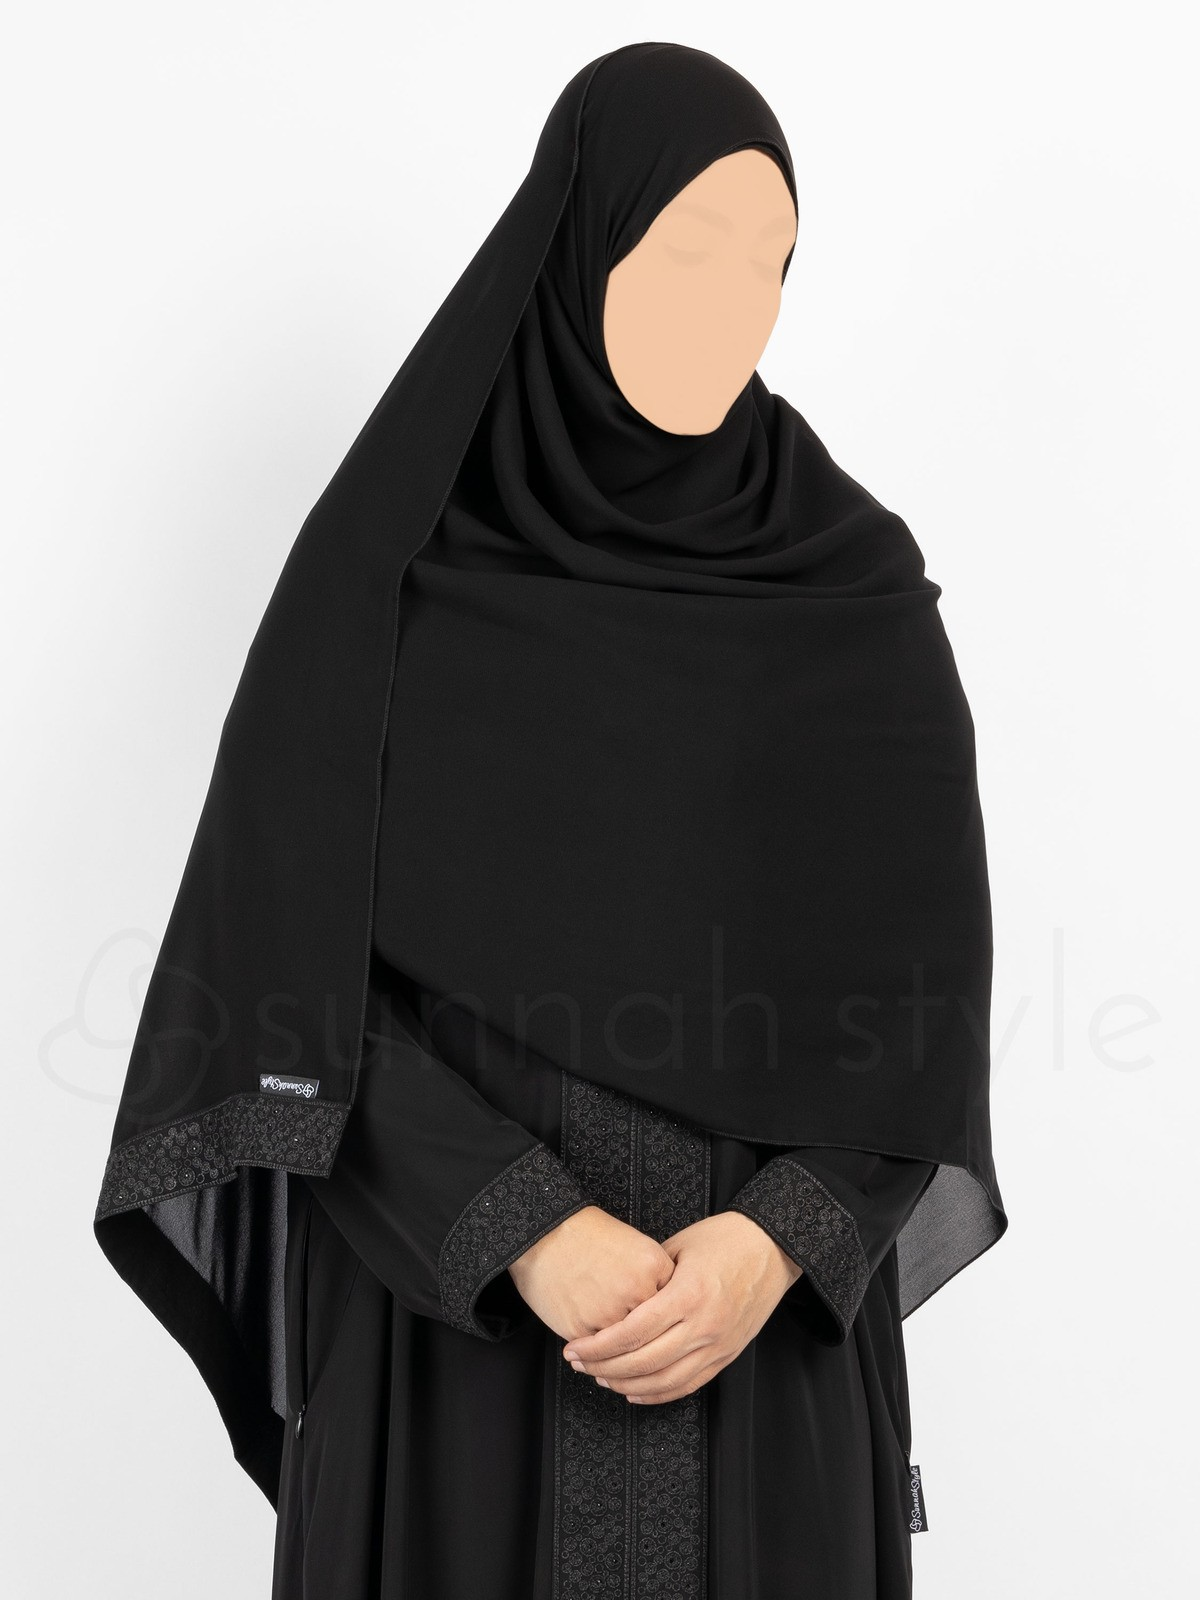 Sunnah Style - Glimmer Shayla